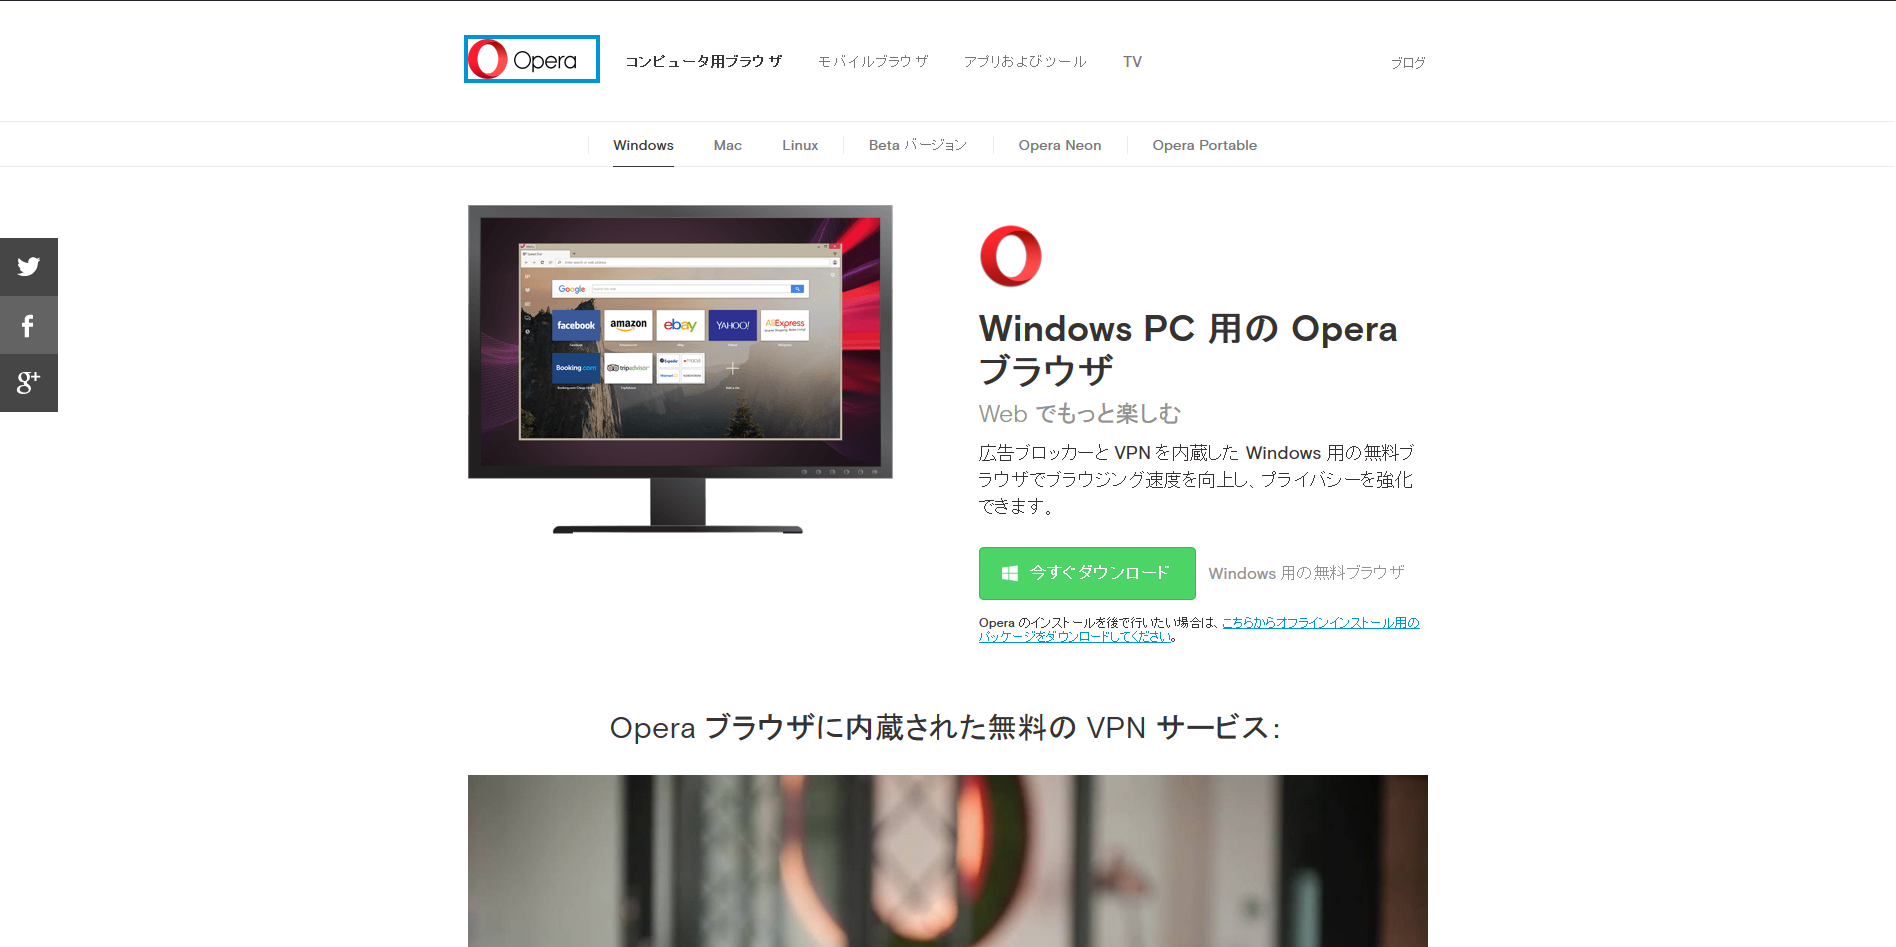 Operaダウンロード画面